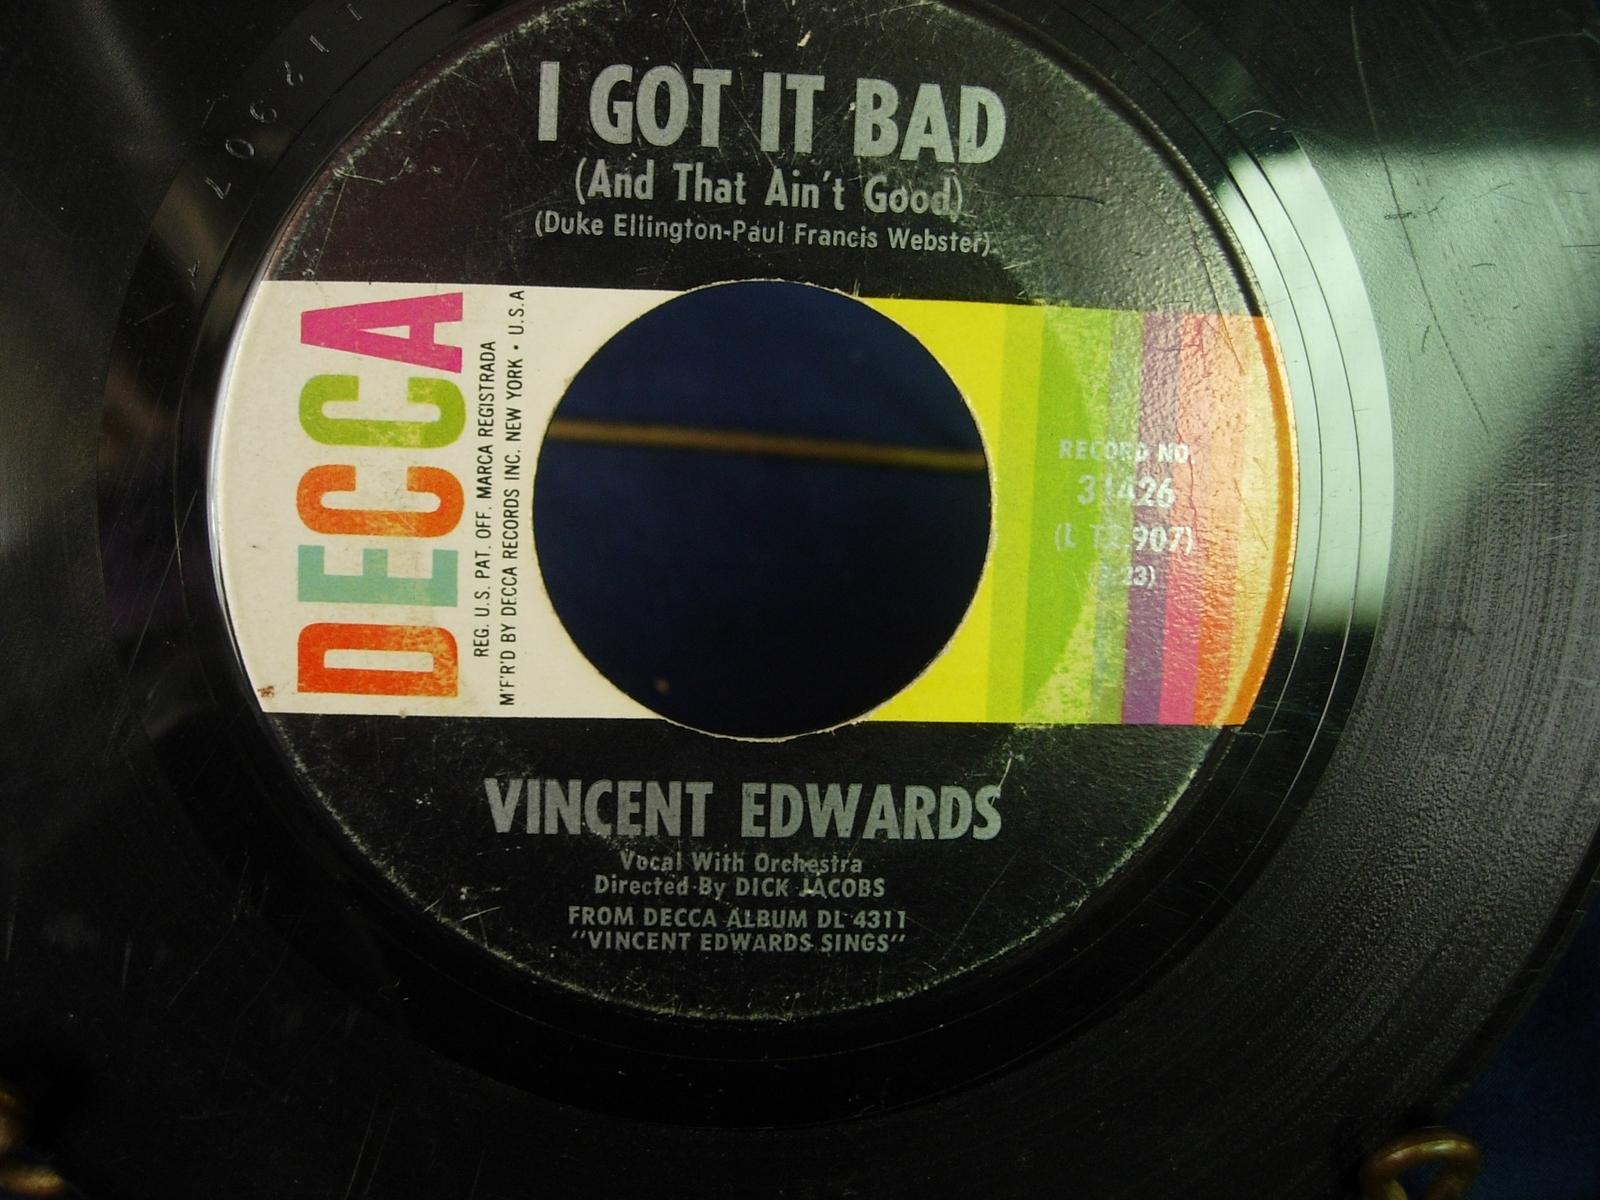 Vincent Edwards - Say It Isn't So / I Got It Bad - DECCA 314